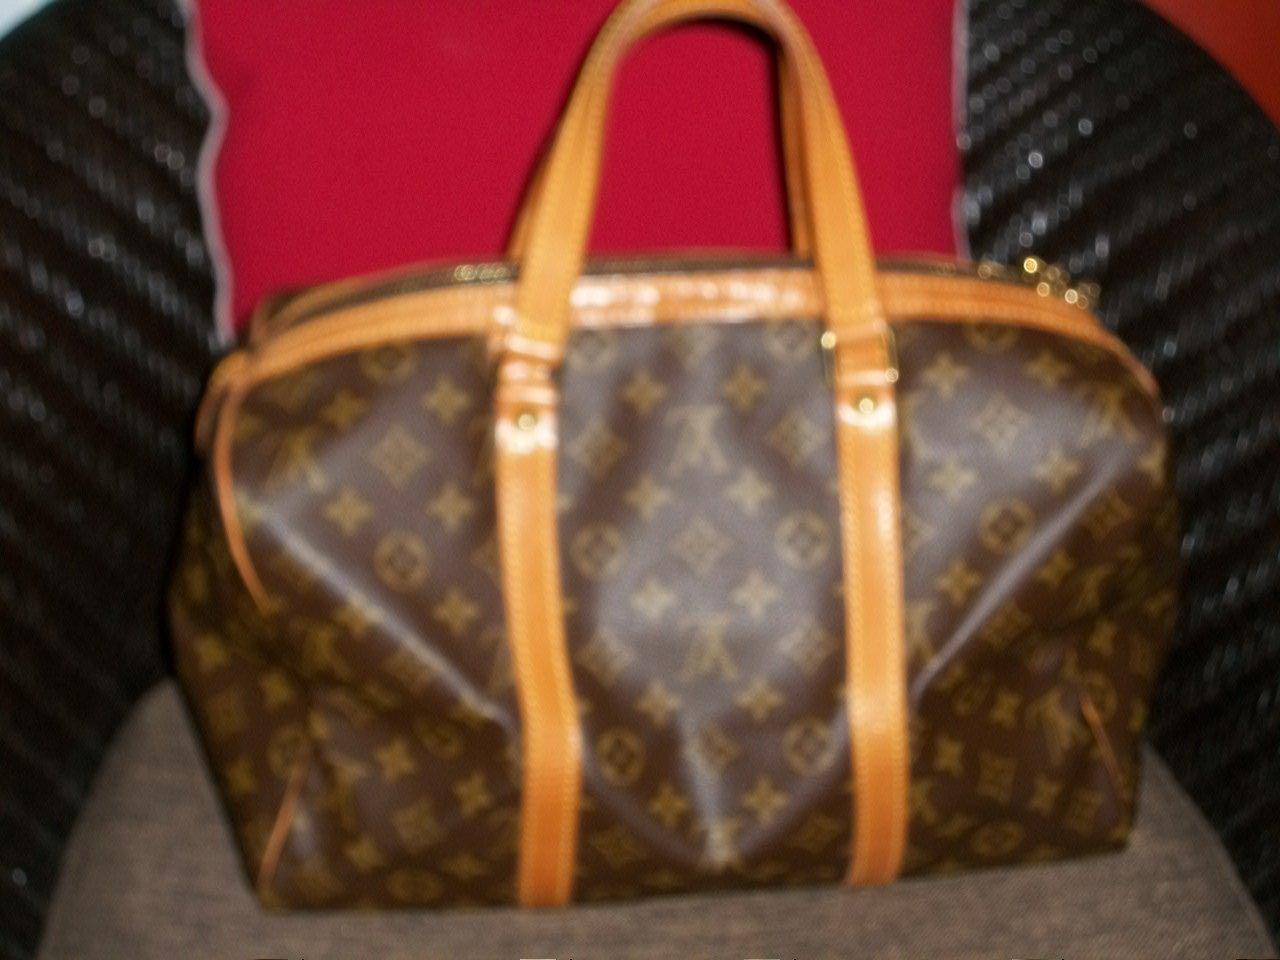 Louis Vuitton Sac Souple bag 1000% authentic